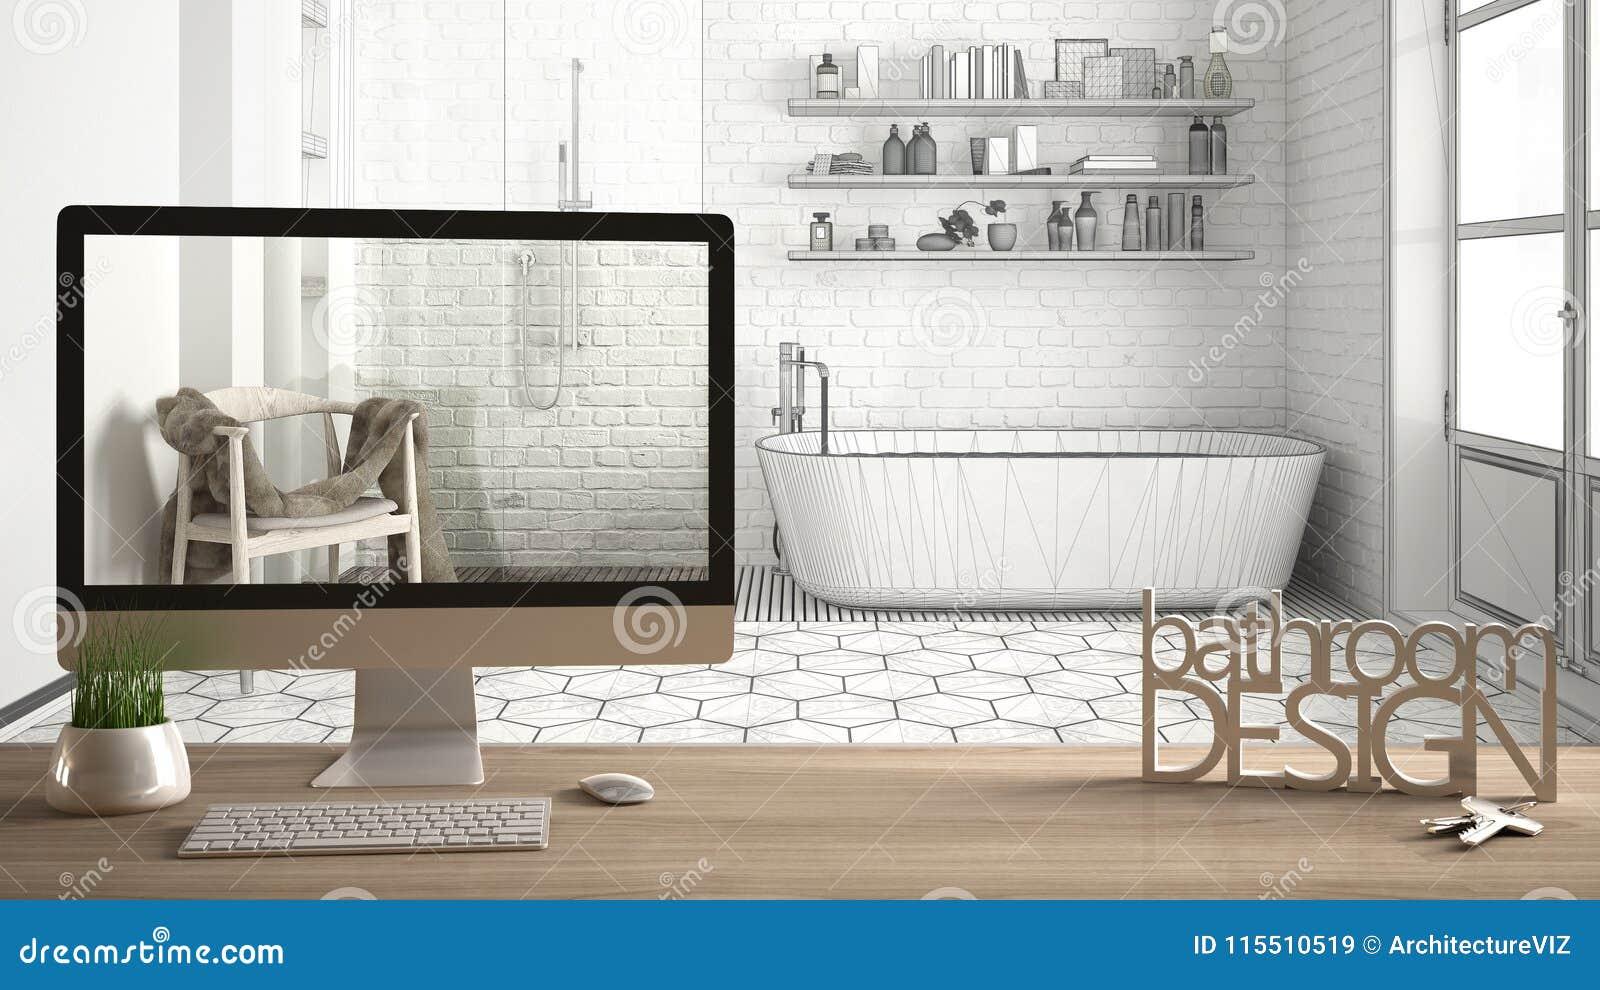 Conceito do projeto do desenhista do arquiteto, tabela de madeira com projeto do banheiro das palavras das chaves, das letras 3D